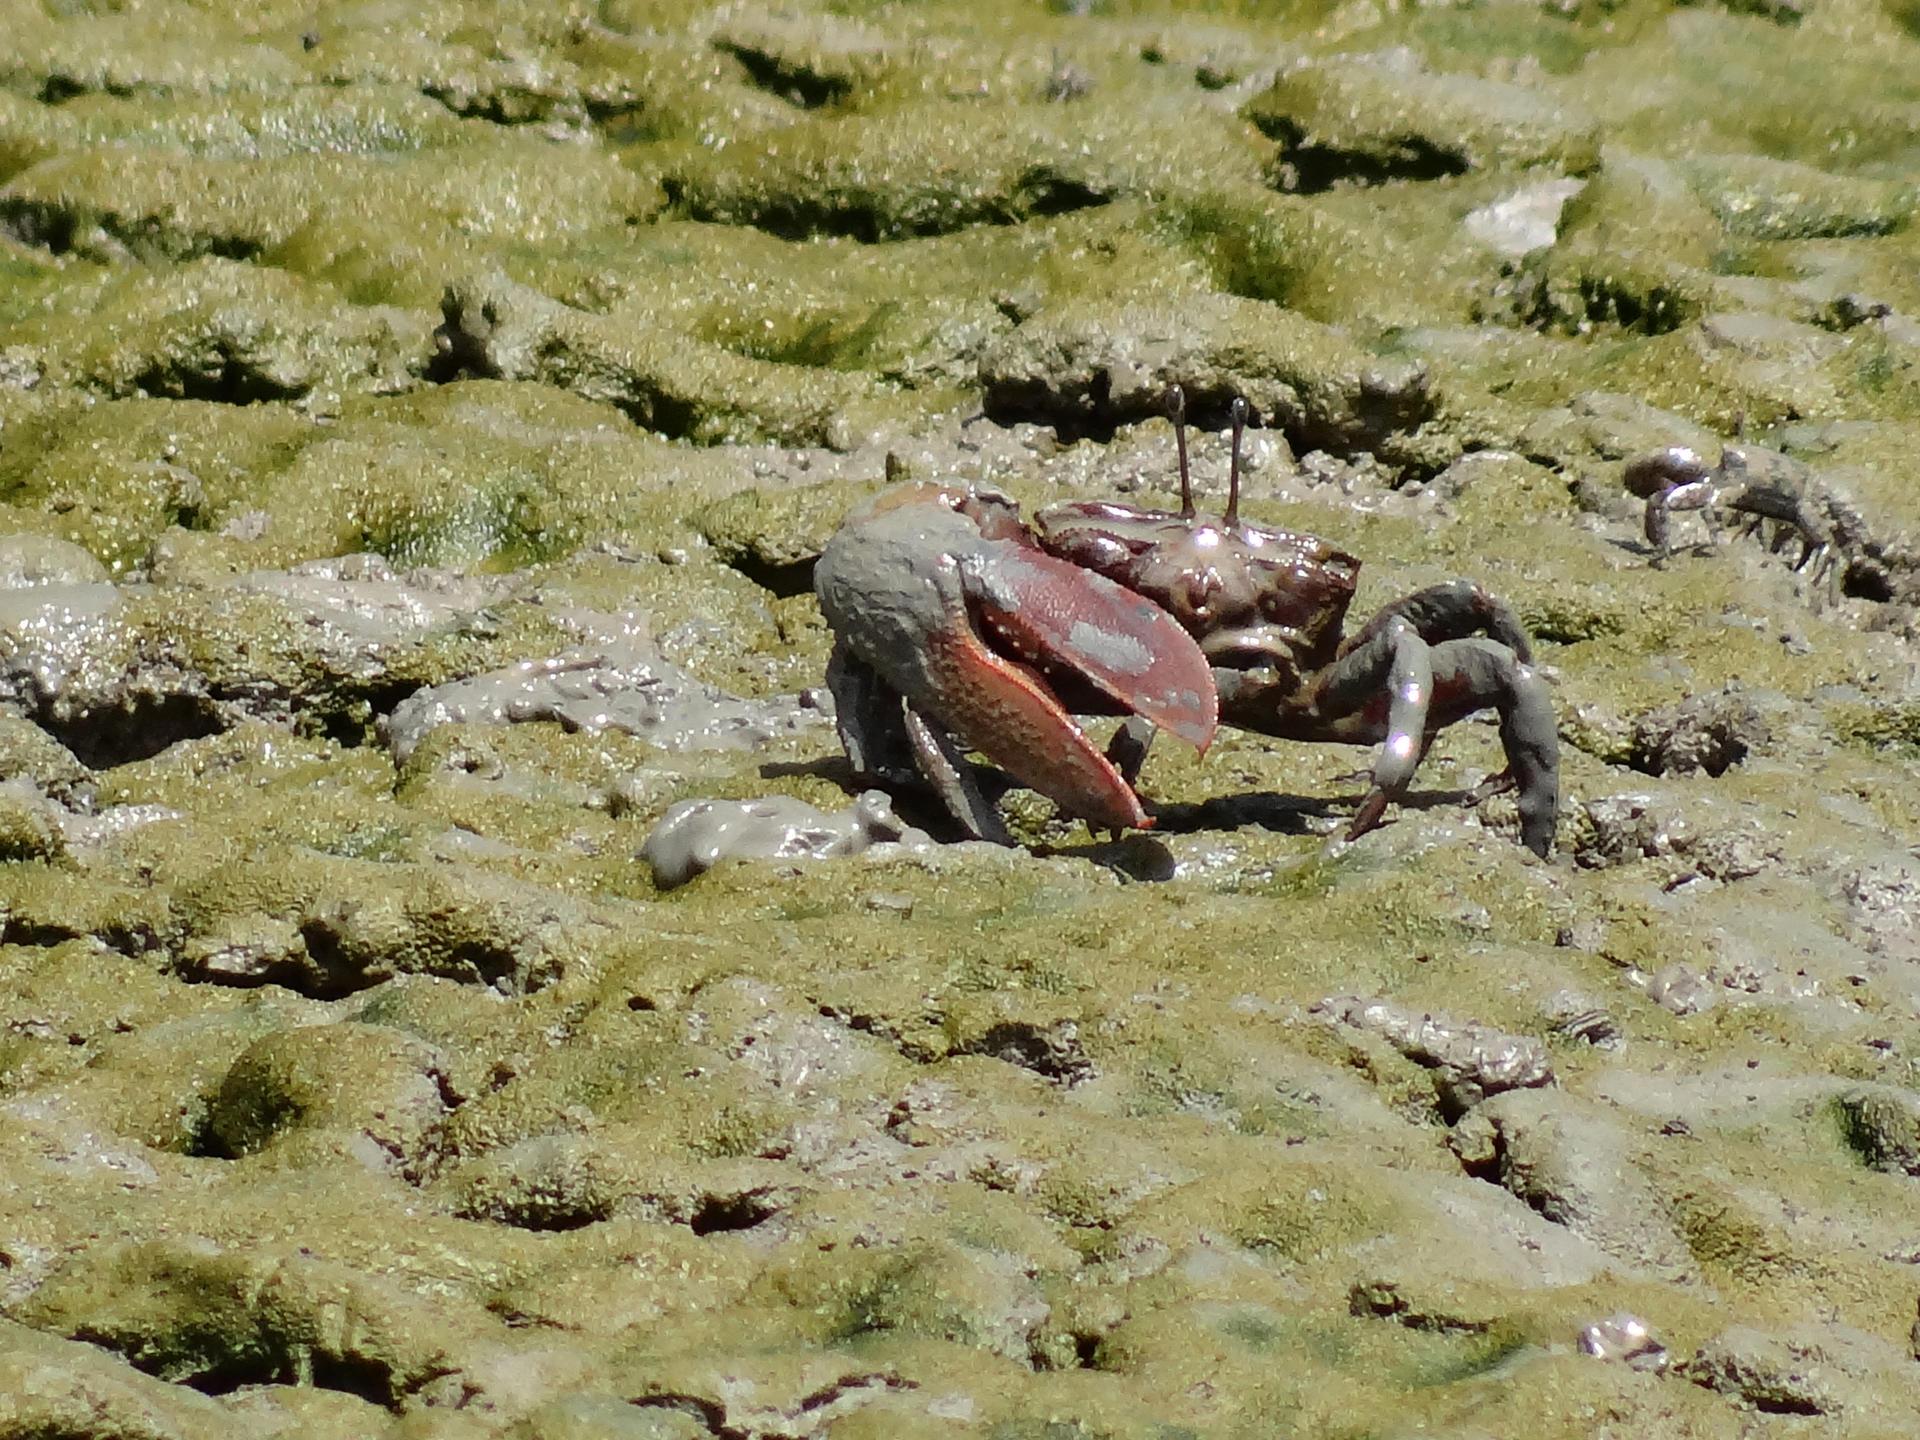 Crabe de mangrove